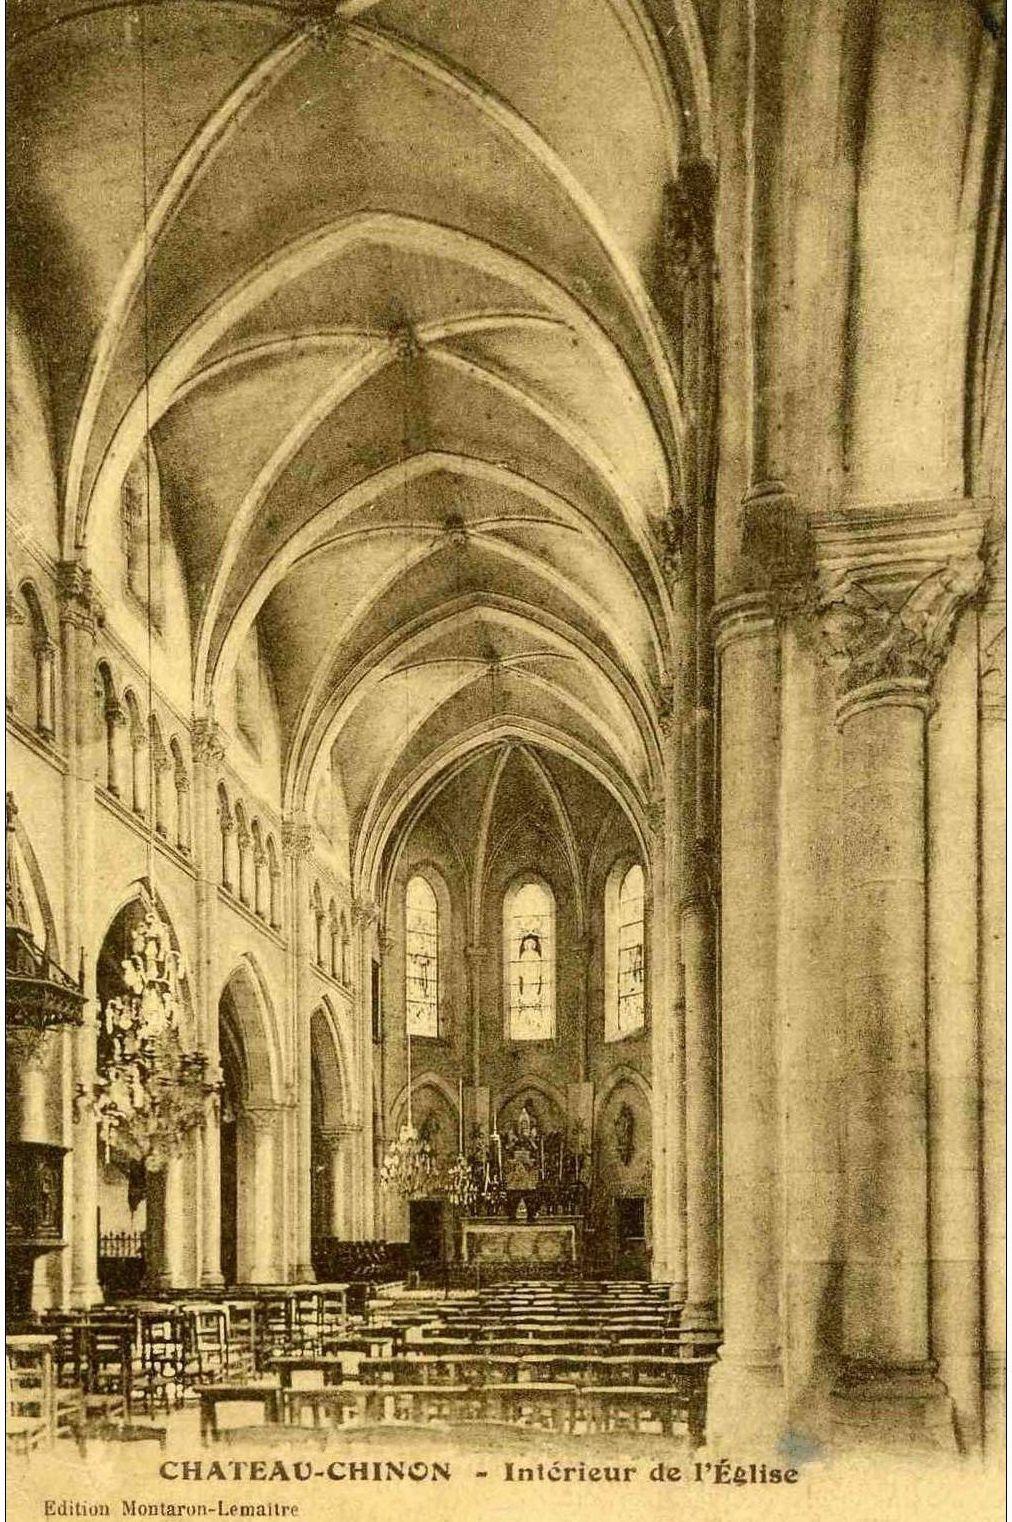 Château Chinon - L'église, Intérieur de l'église, la chapelle du Chêne - Château Chinon.